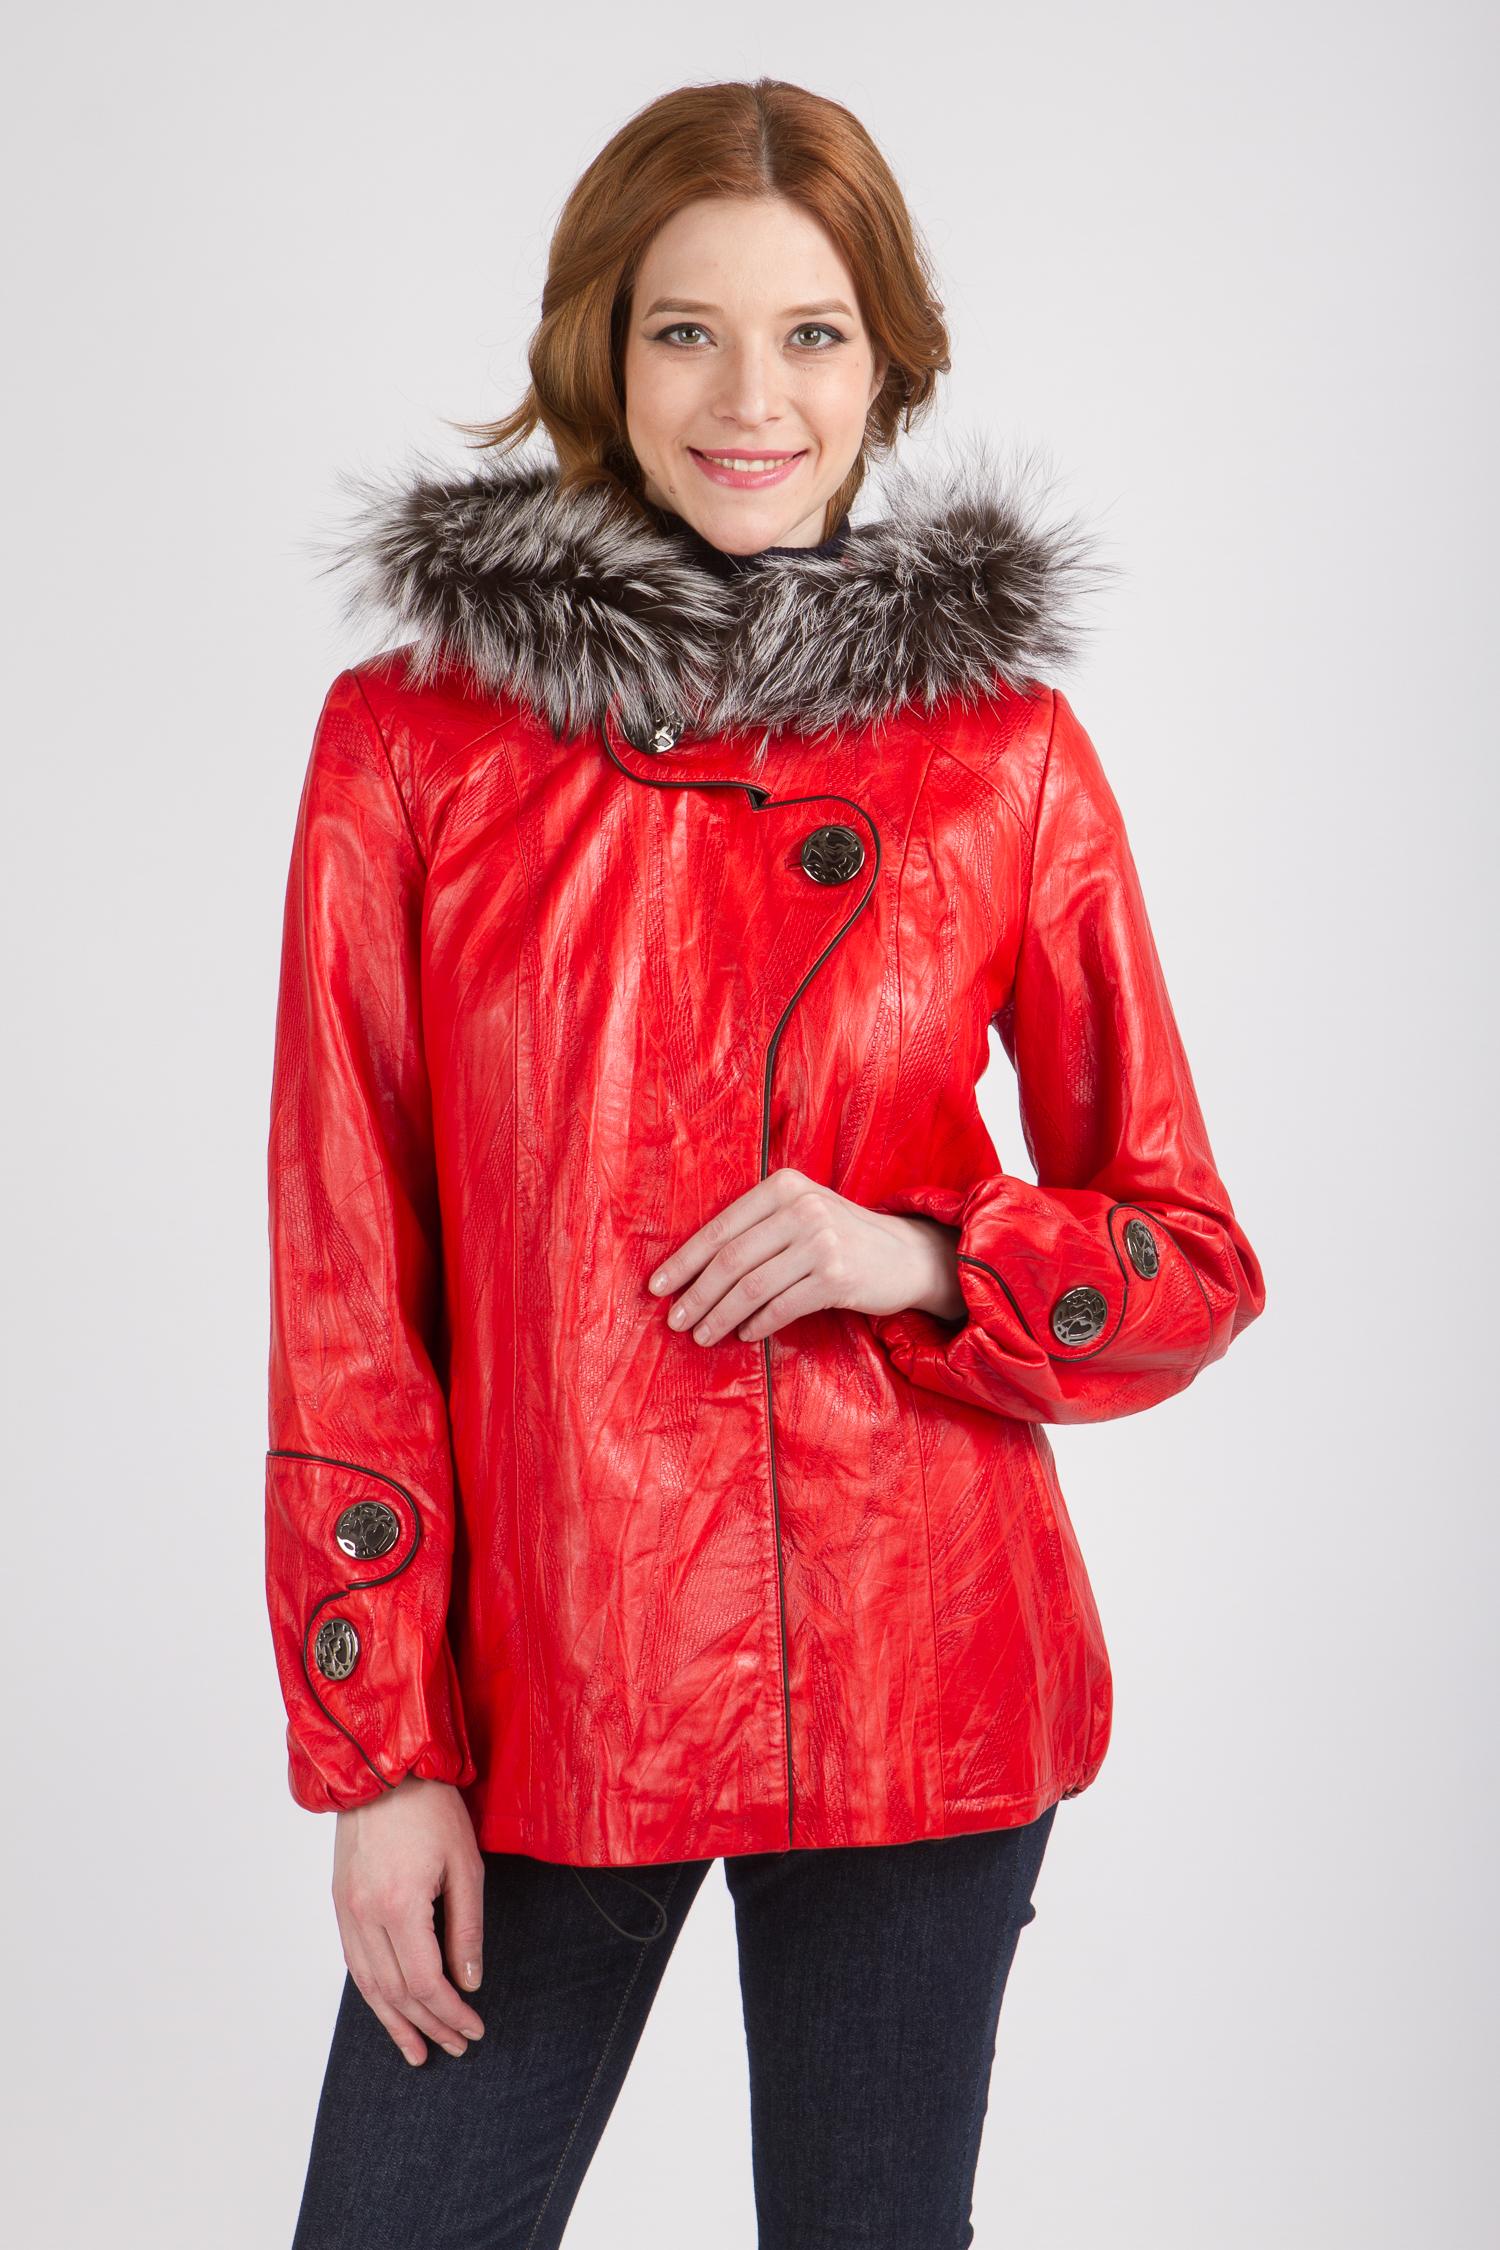 Женская кожаная куртка из натуральной кожи с капюшоном, отделка чернобурка